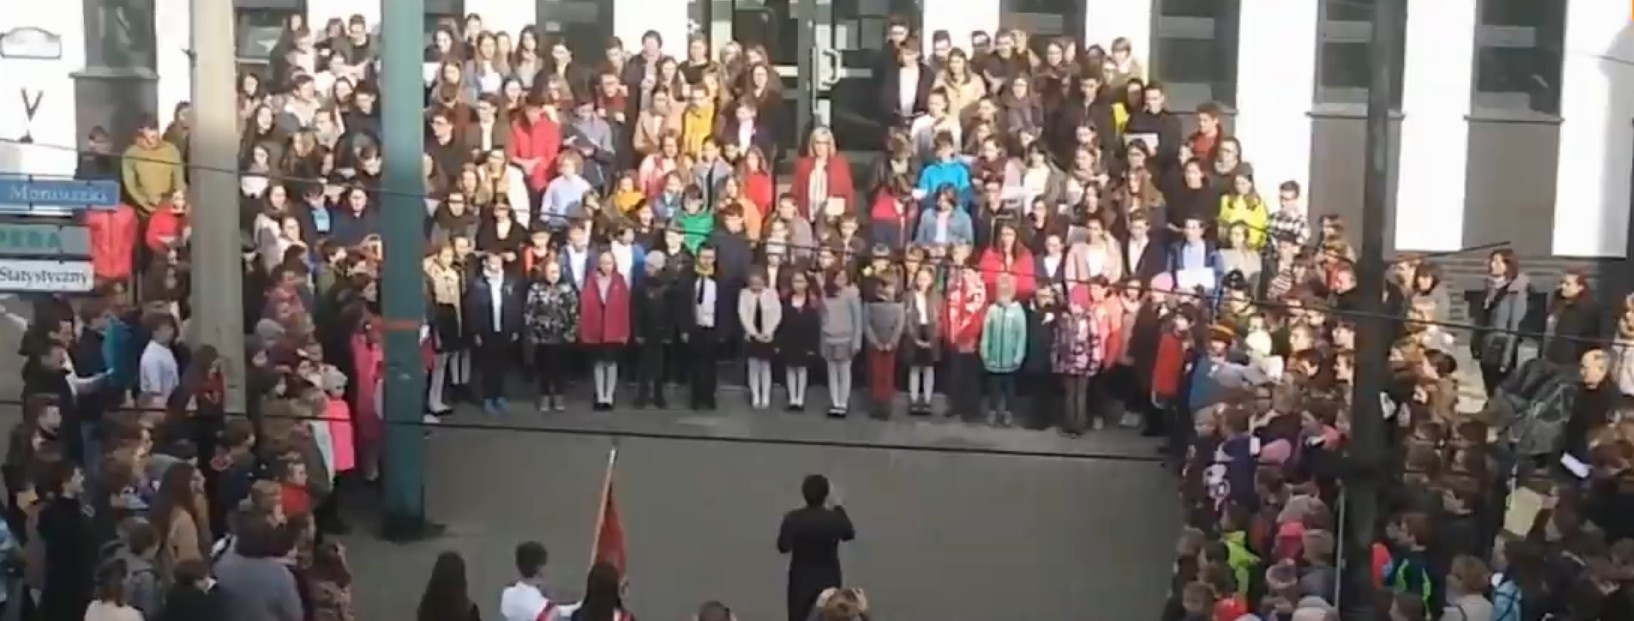 Bytomska szkoła muzyczna czeka na kandydatów